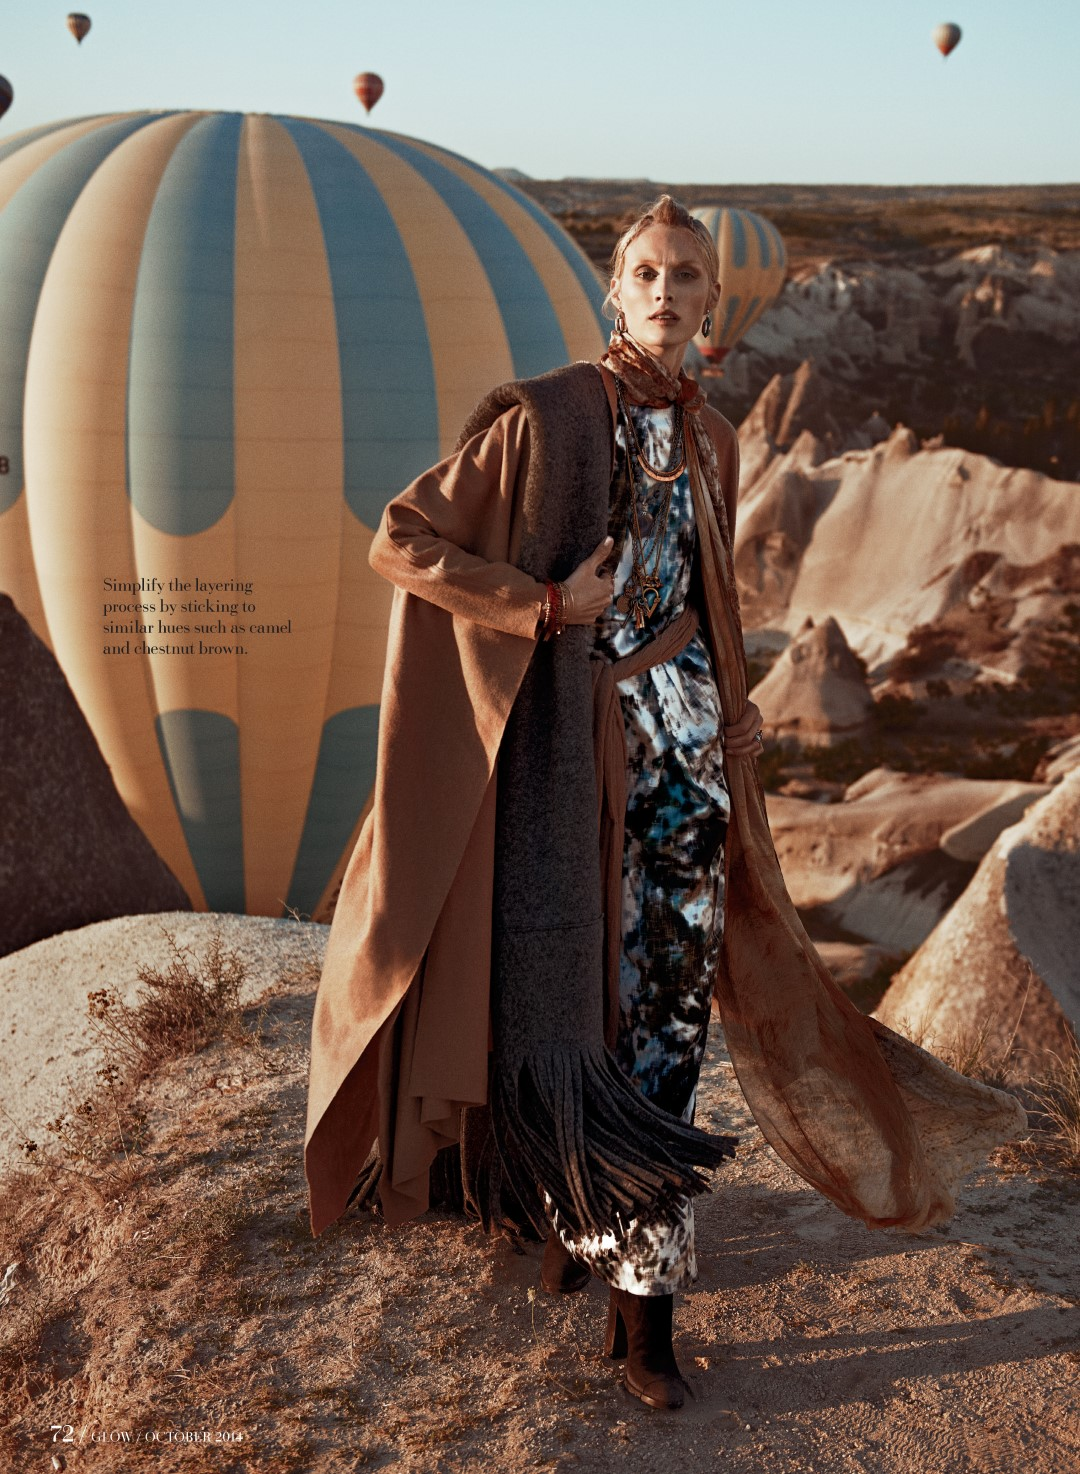 glow-cappadocia-balloon